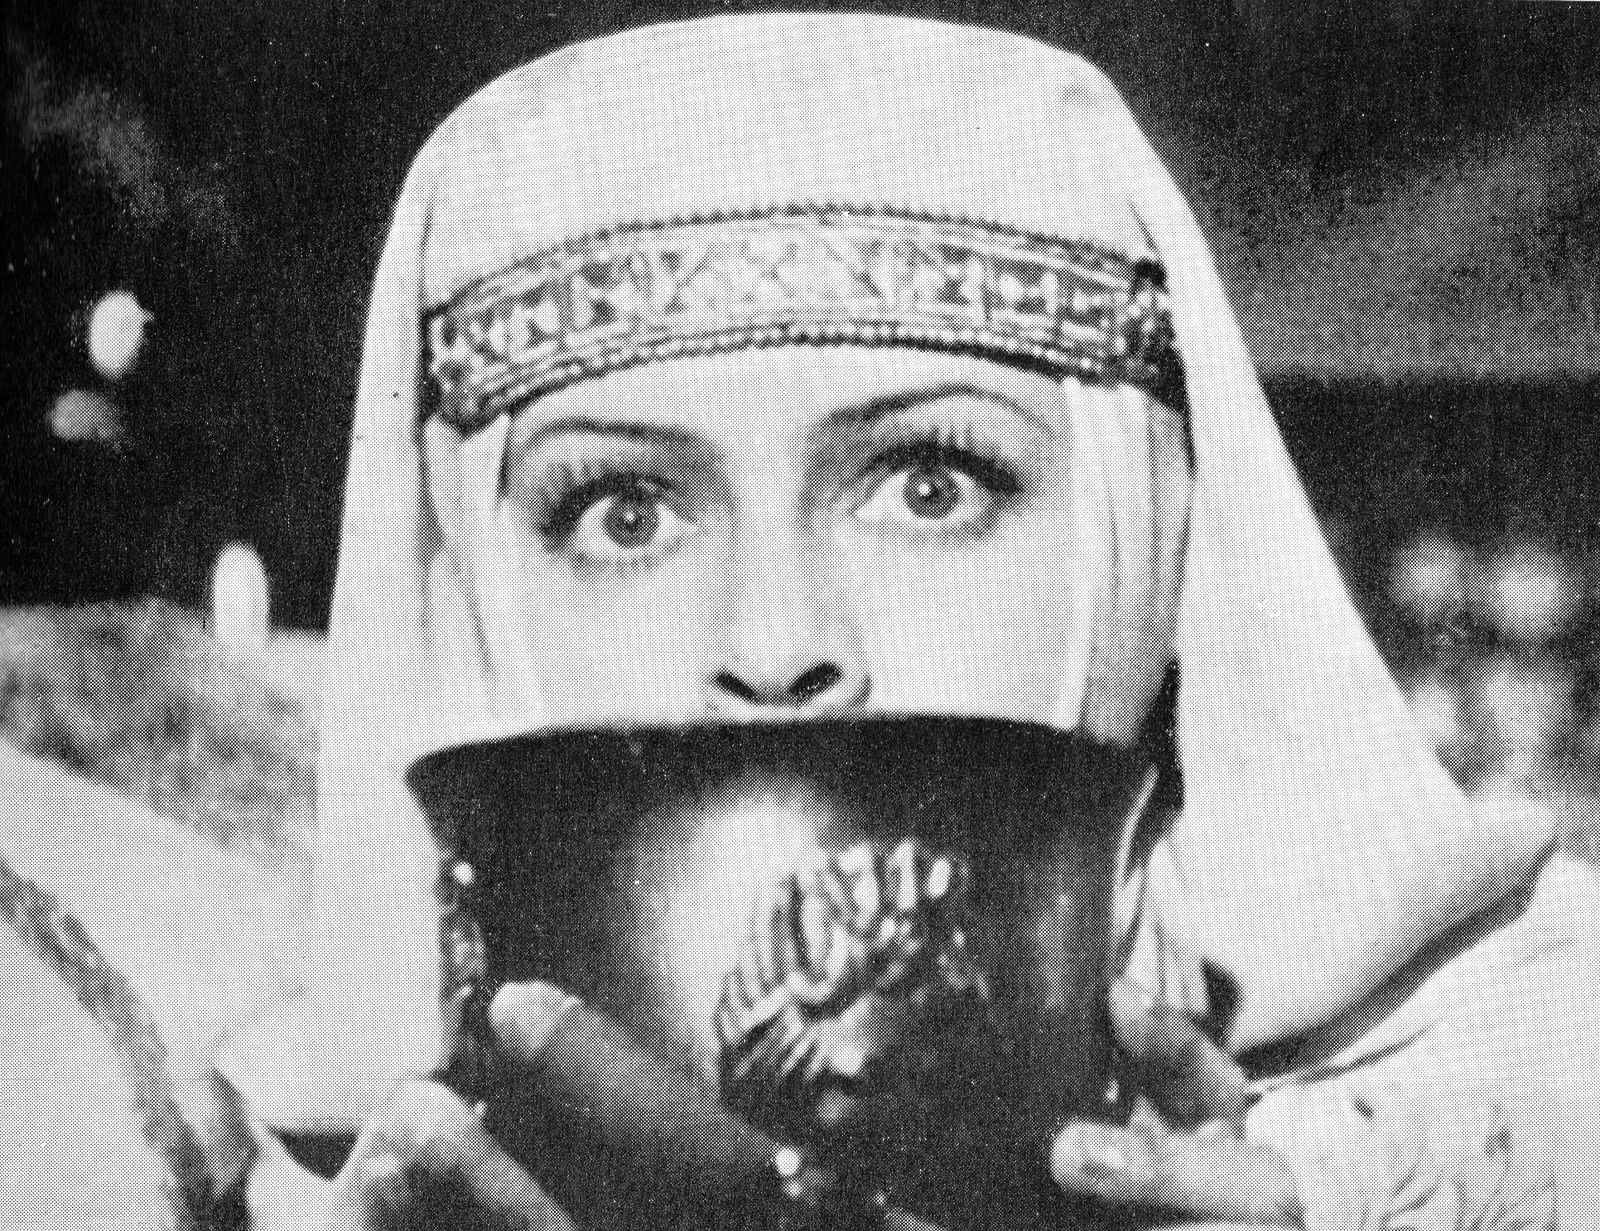 Ludmila Tzelikovskaïa dans Ivan le Terrible (1943-46) de S.M. Eisenstein. Photo reproduite dans L'Avant-scène, n°51/52, juillet/septembre 1965, p. 49.